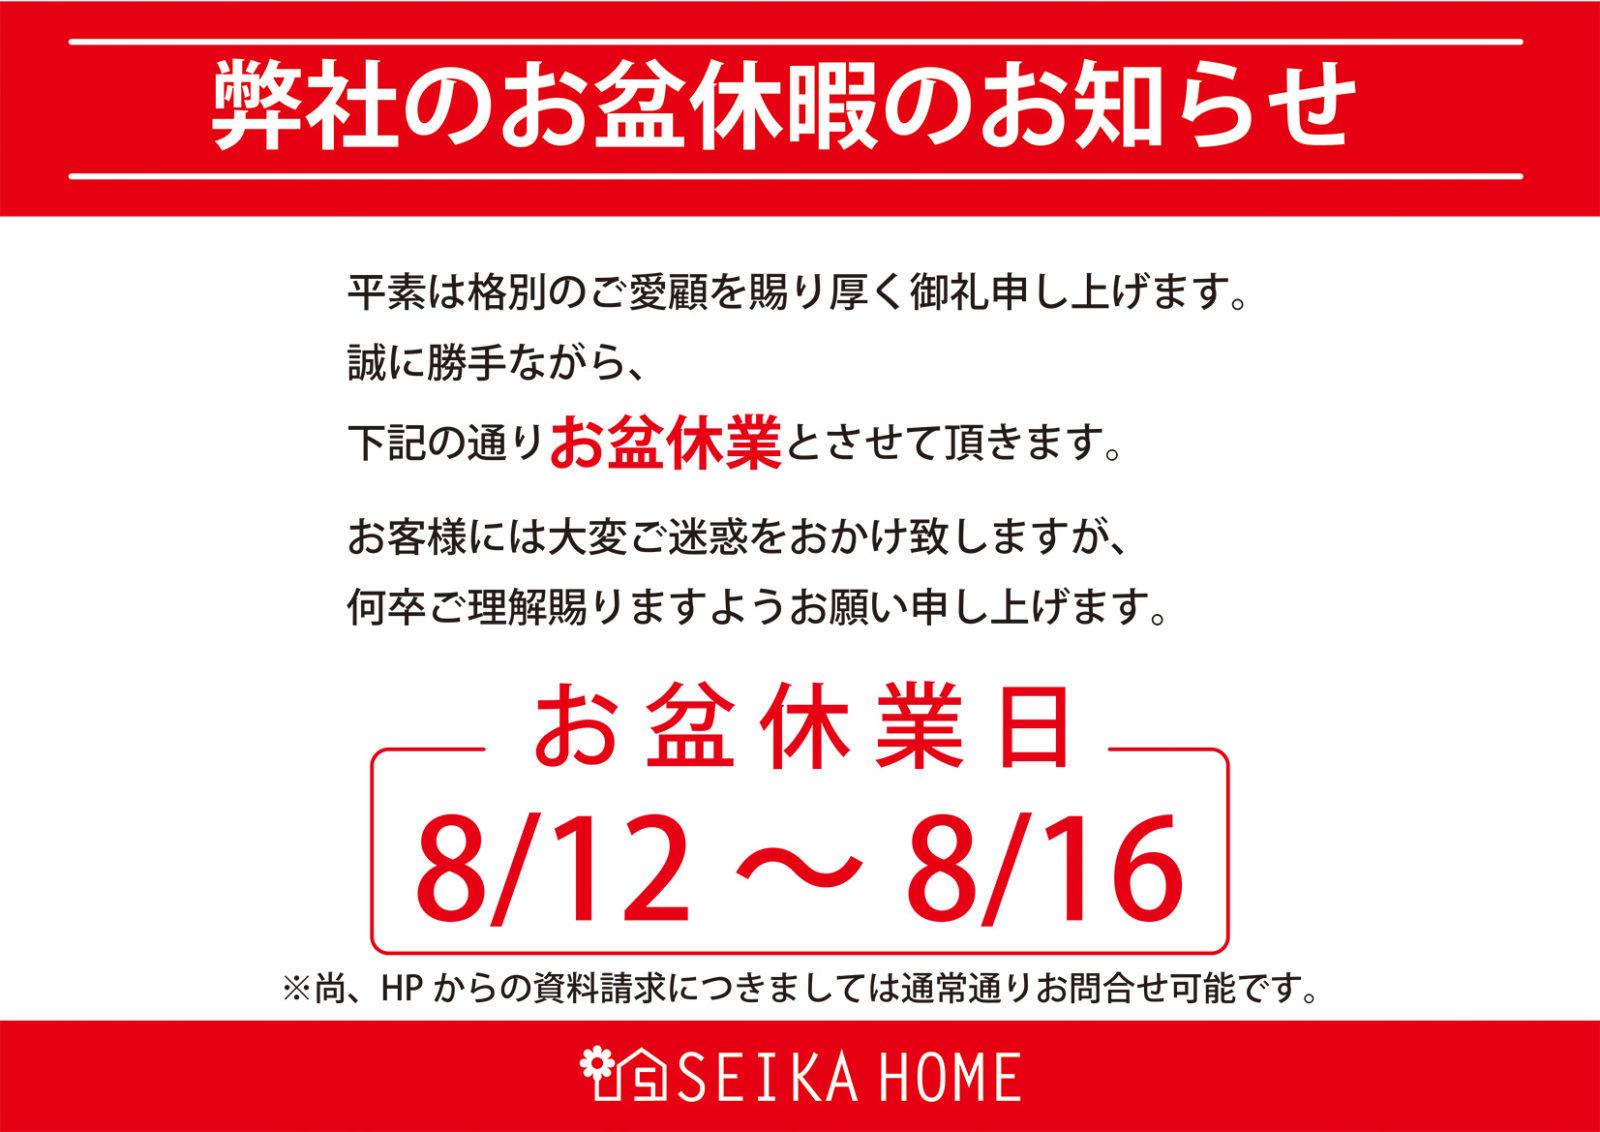 ☆セイカホームお盆休みのお知らせ☆